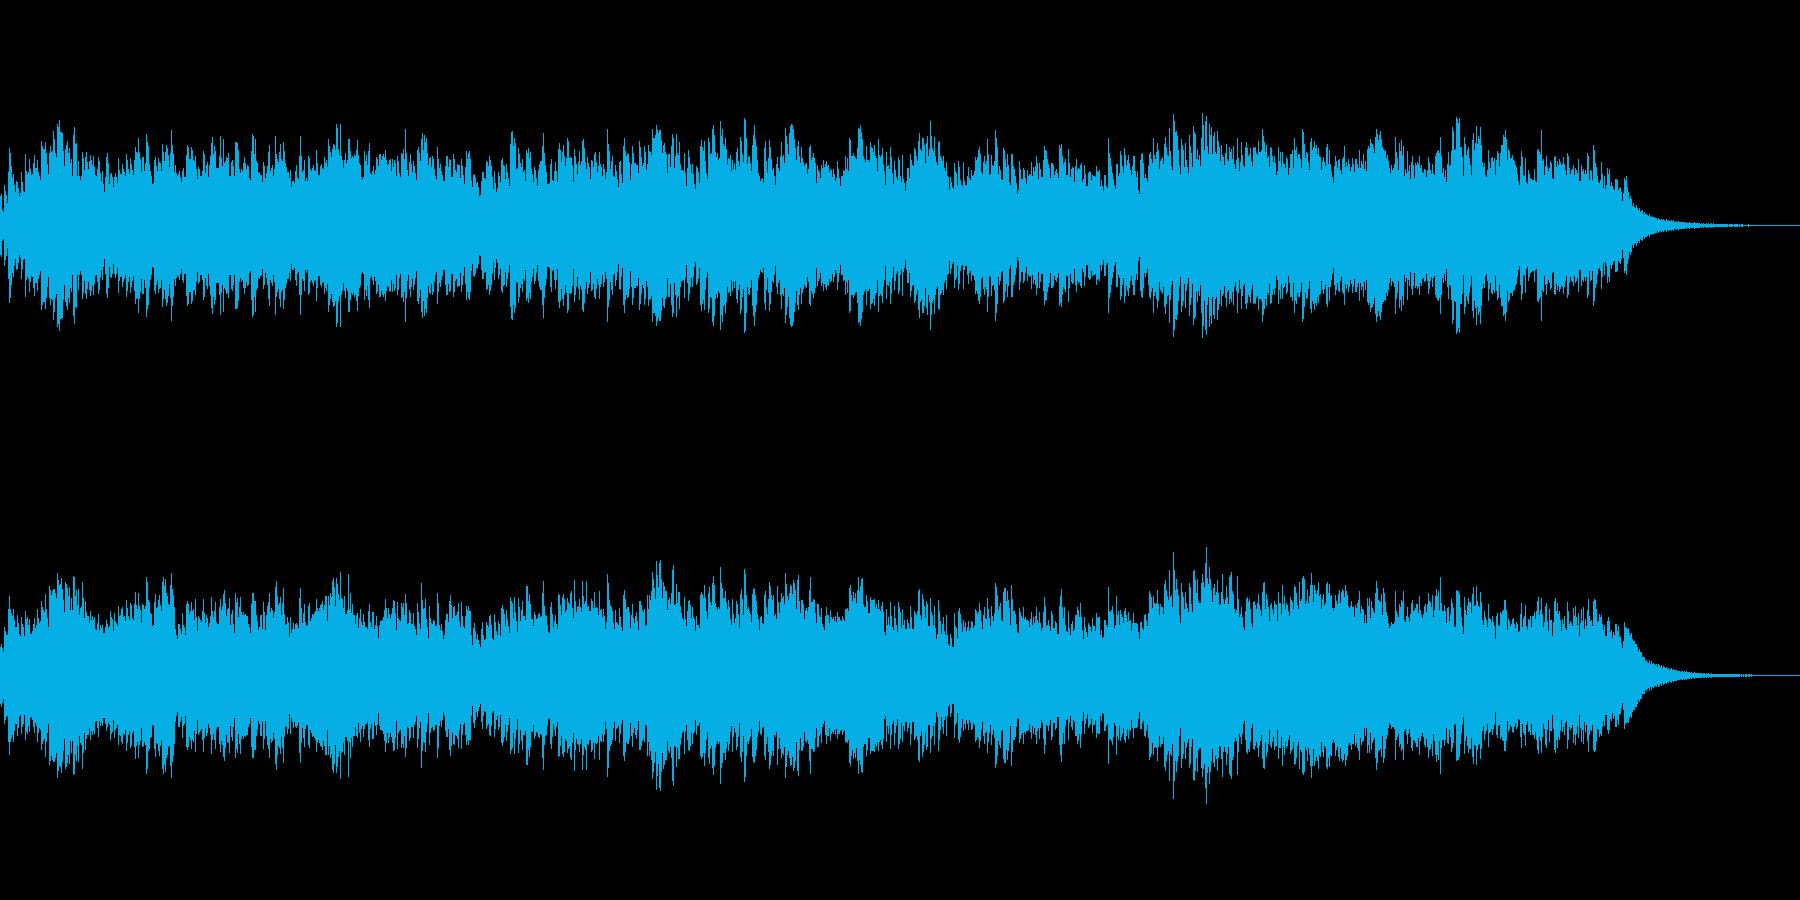 2声のインヴェンション13番 オルゴールの再生済みの波形